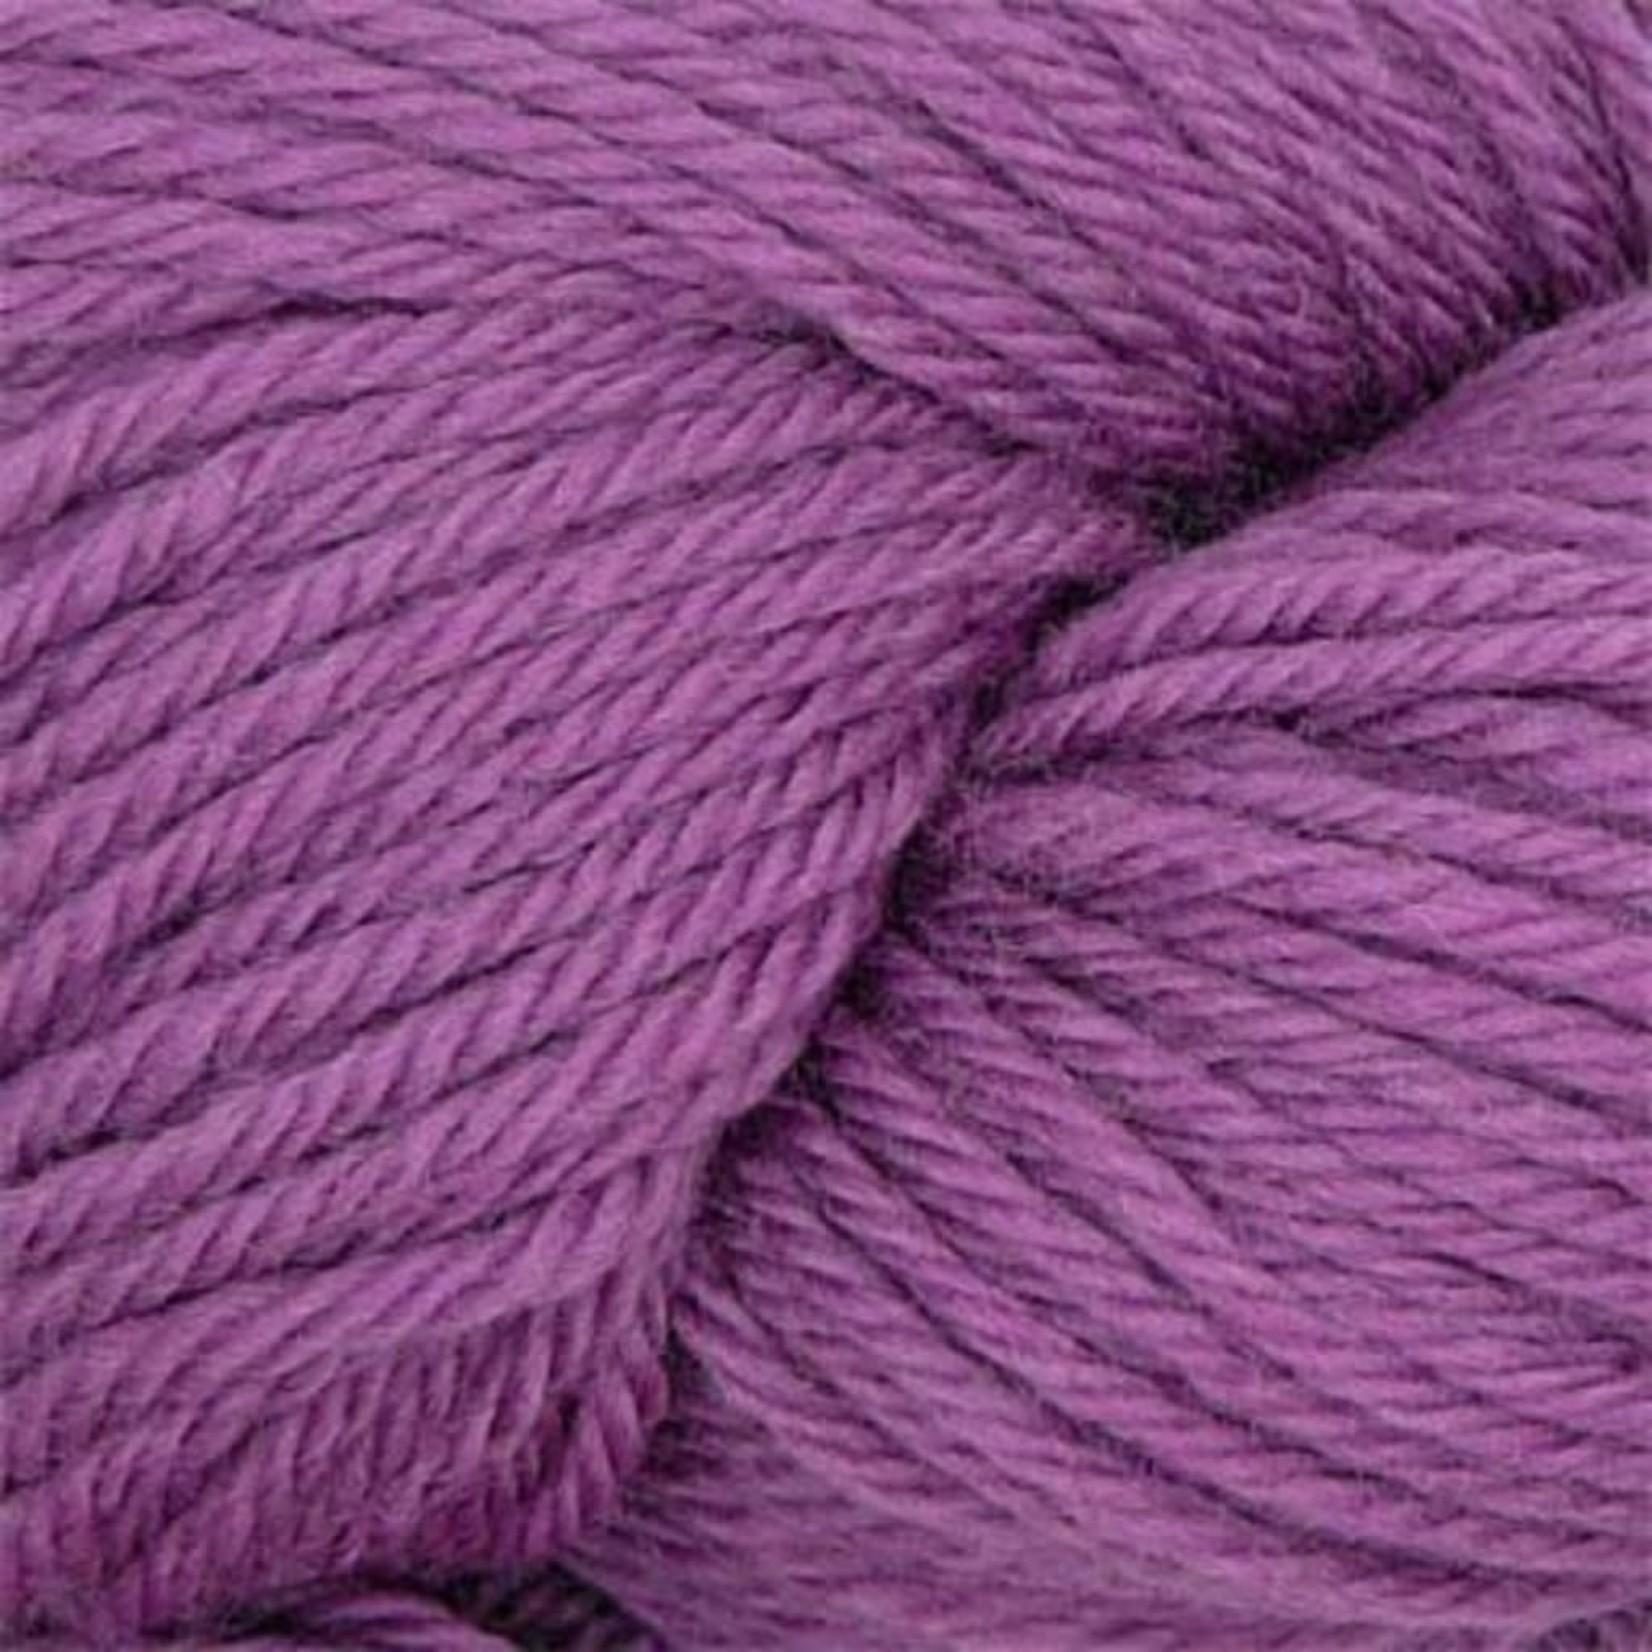 Cascade Yarns 220 Solids